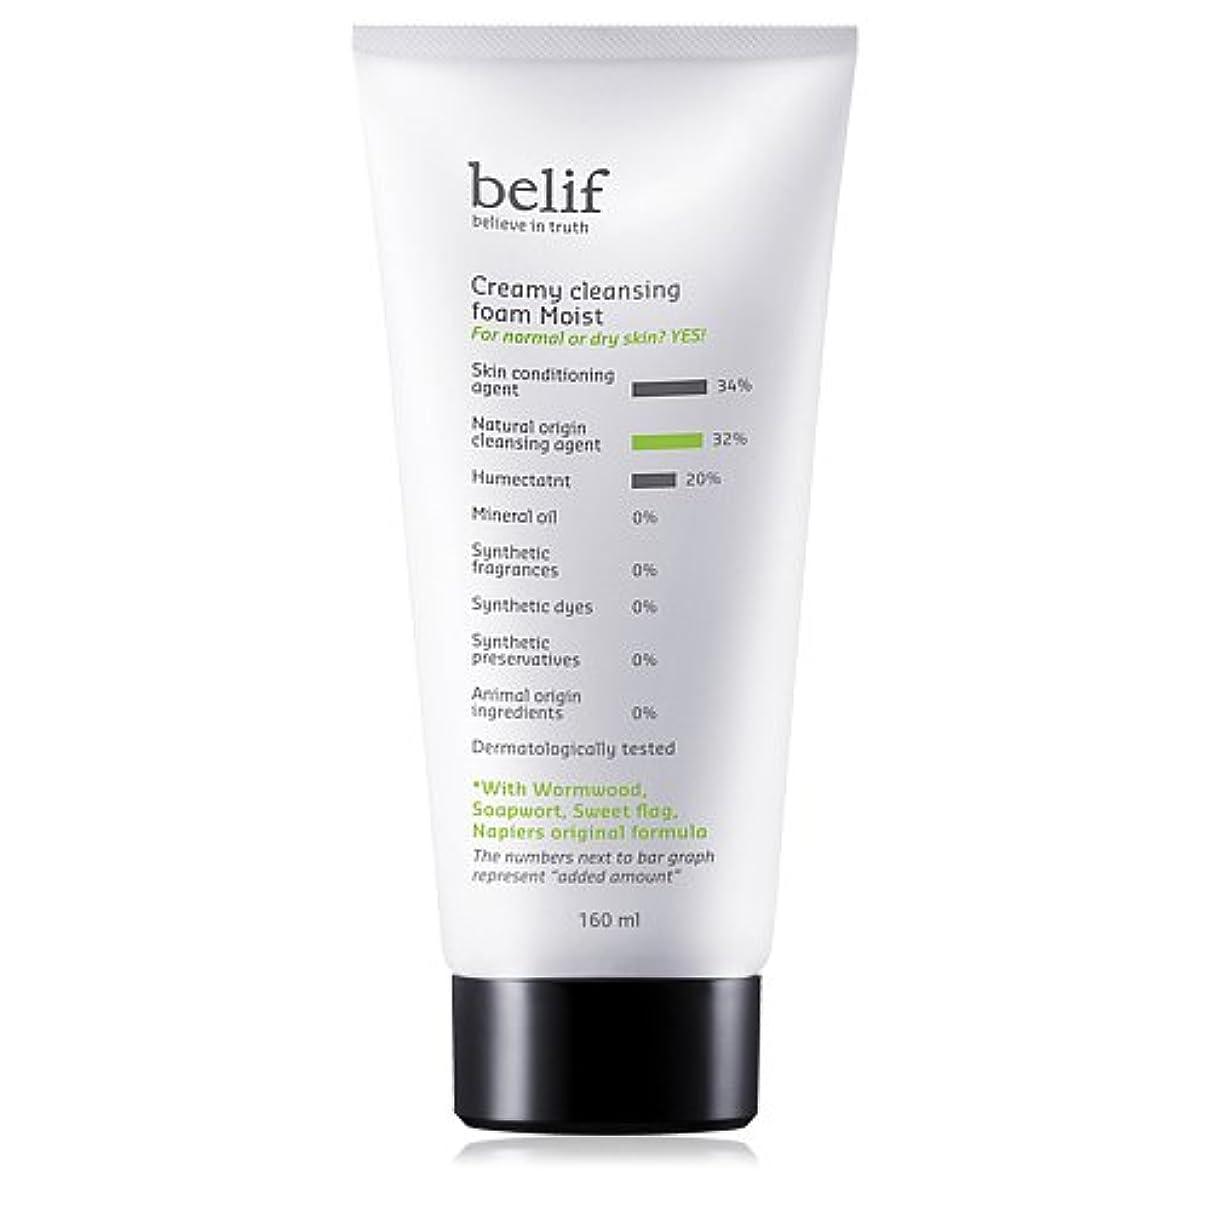 韓国語ギャラントリー習慣Belif(ビリーフ)Creamy cleansing foam moist 160ml[ビリーフクリーミークレンジングフォームモイスト]